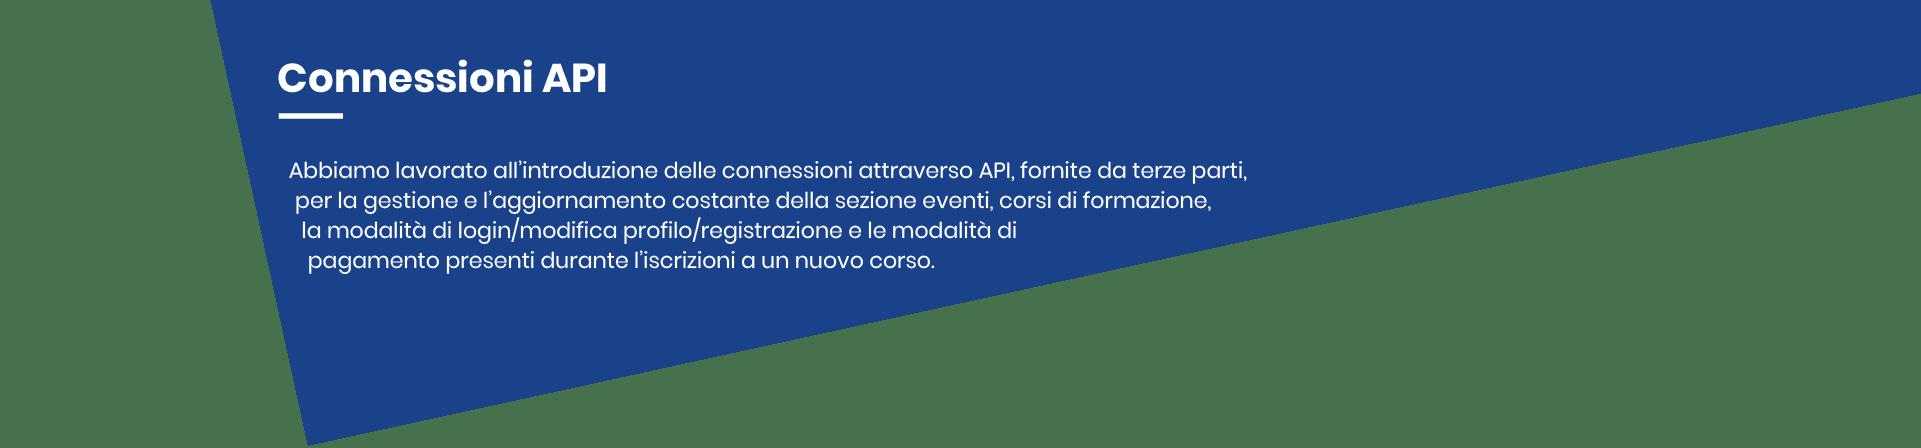 Immagine 4_Connessioni API